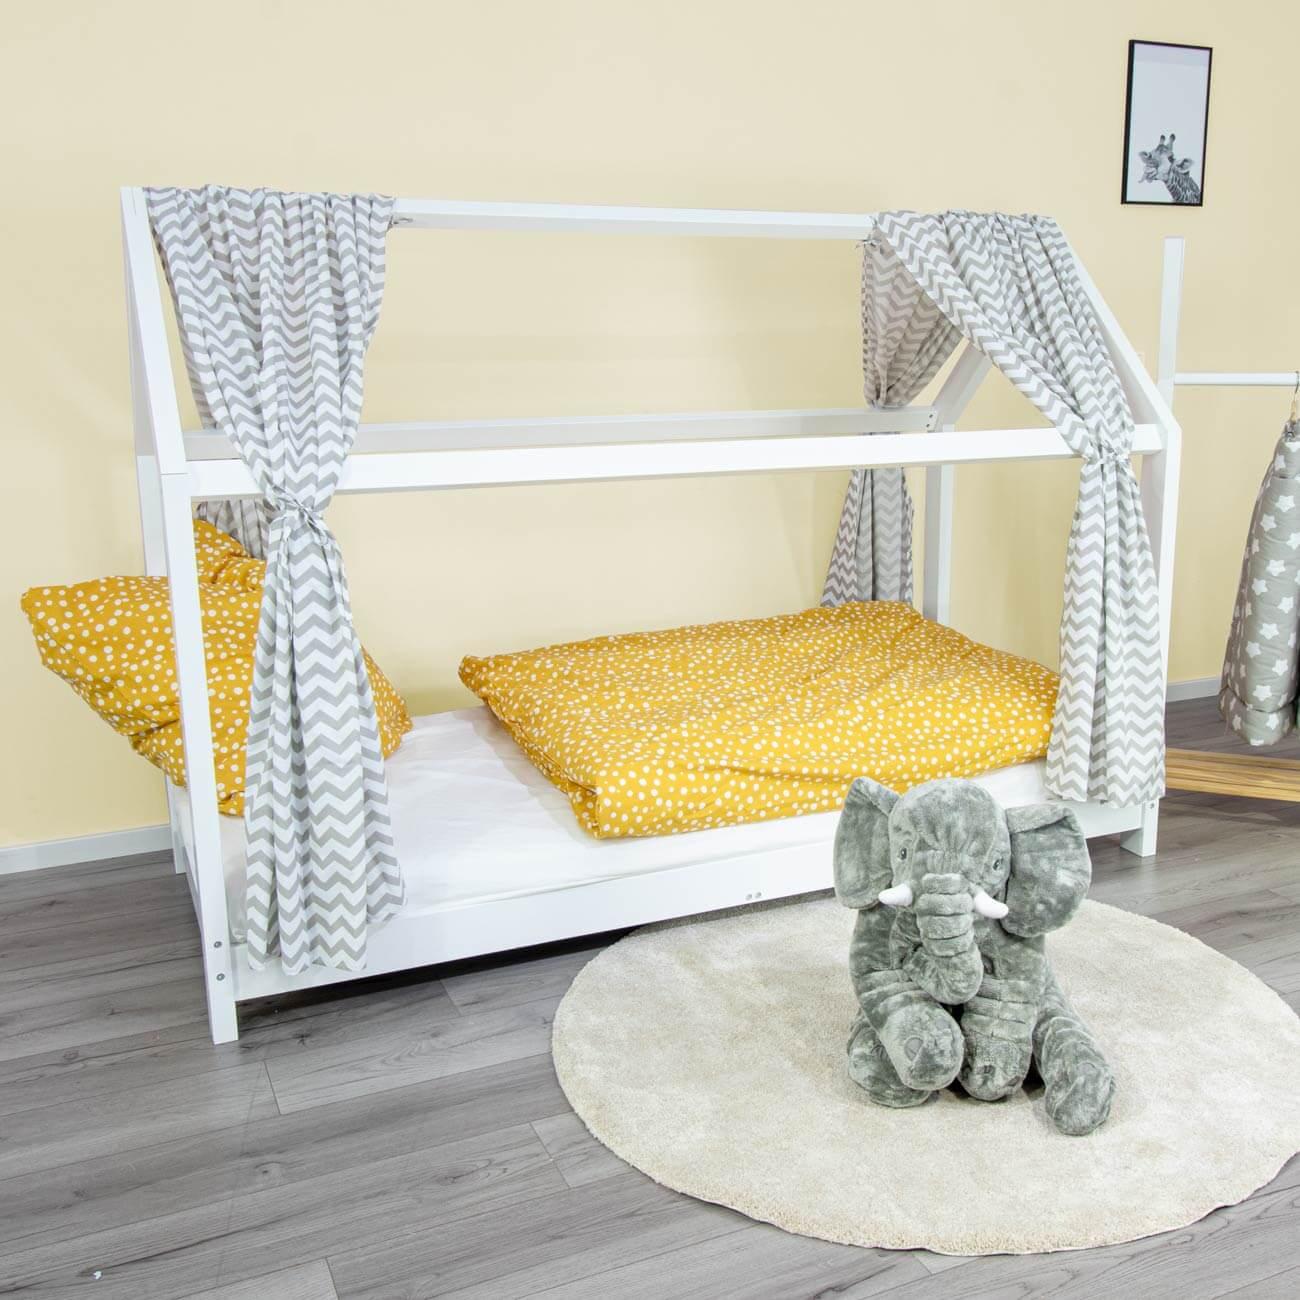 House bed curtain Svea, chevron withe, 146 x 298 cm